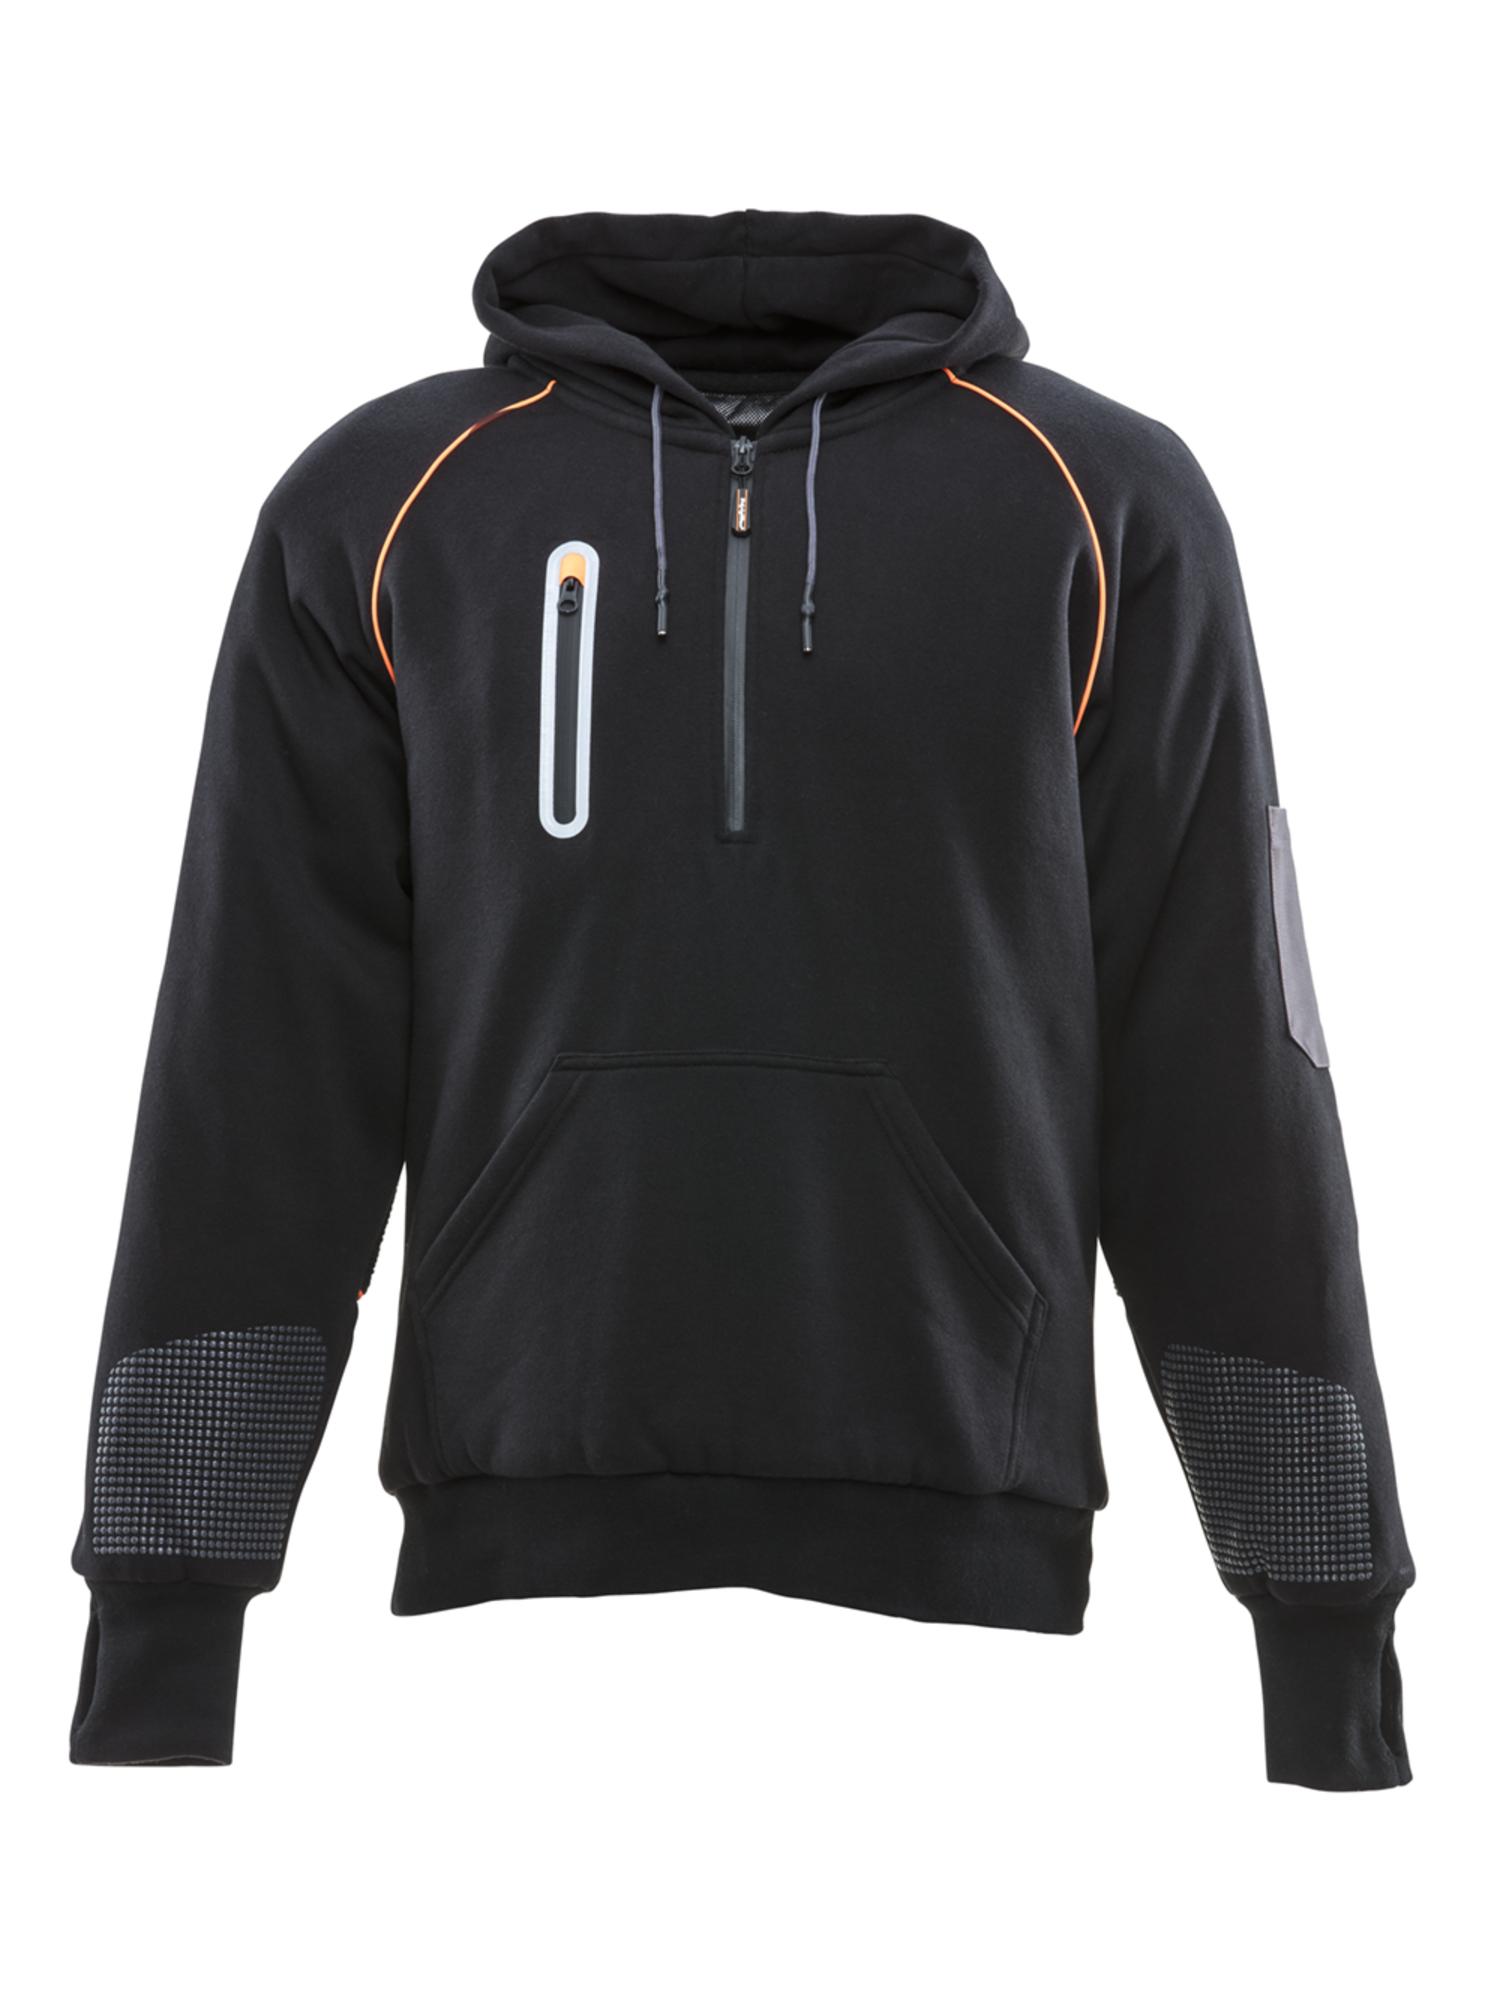 9cbee066e Sweatshirts for Men - Fleece Lined Work Jackets & Hoodies|RefrigiWear